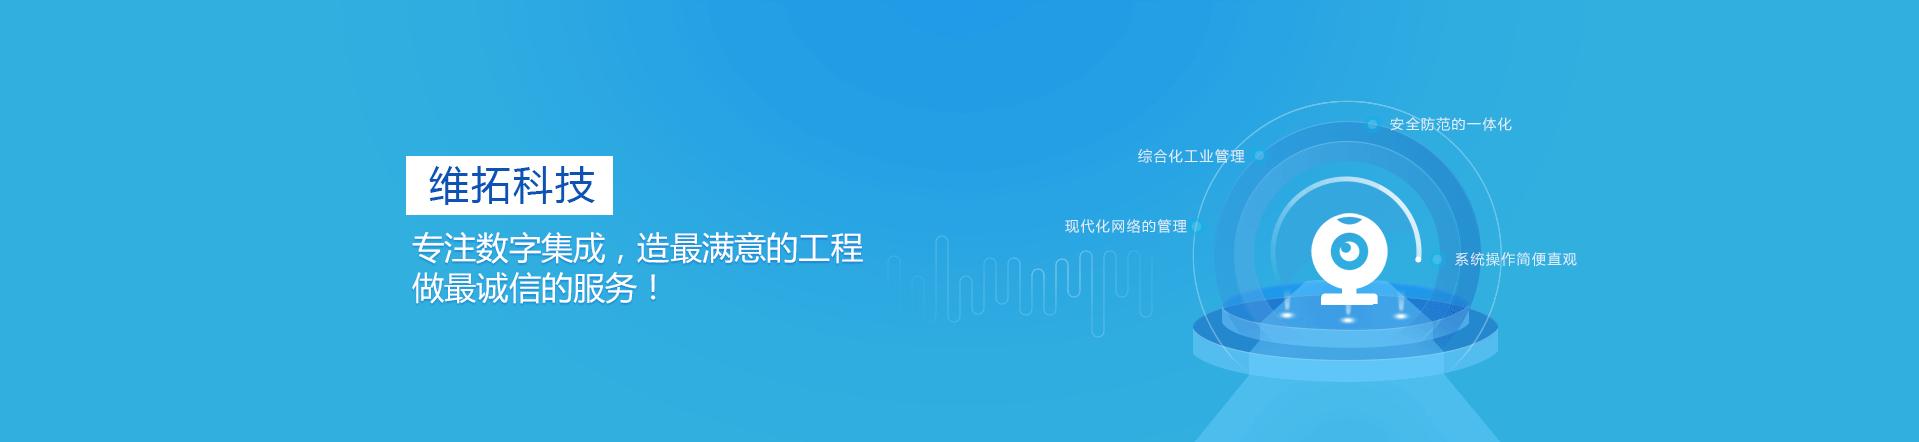 千亿国际电脑版_千亿国际苹果版下载_千赢平台官网